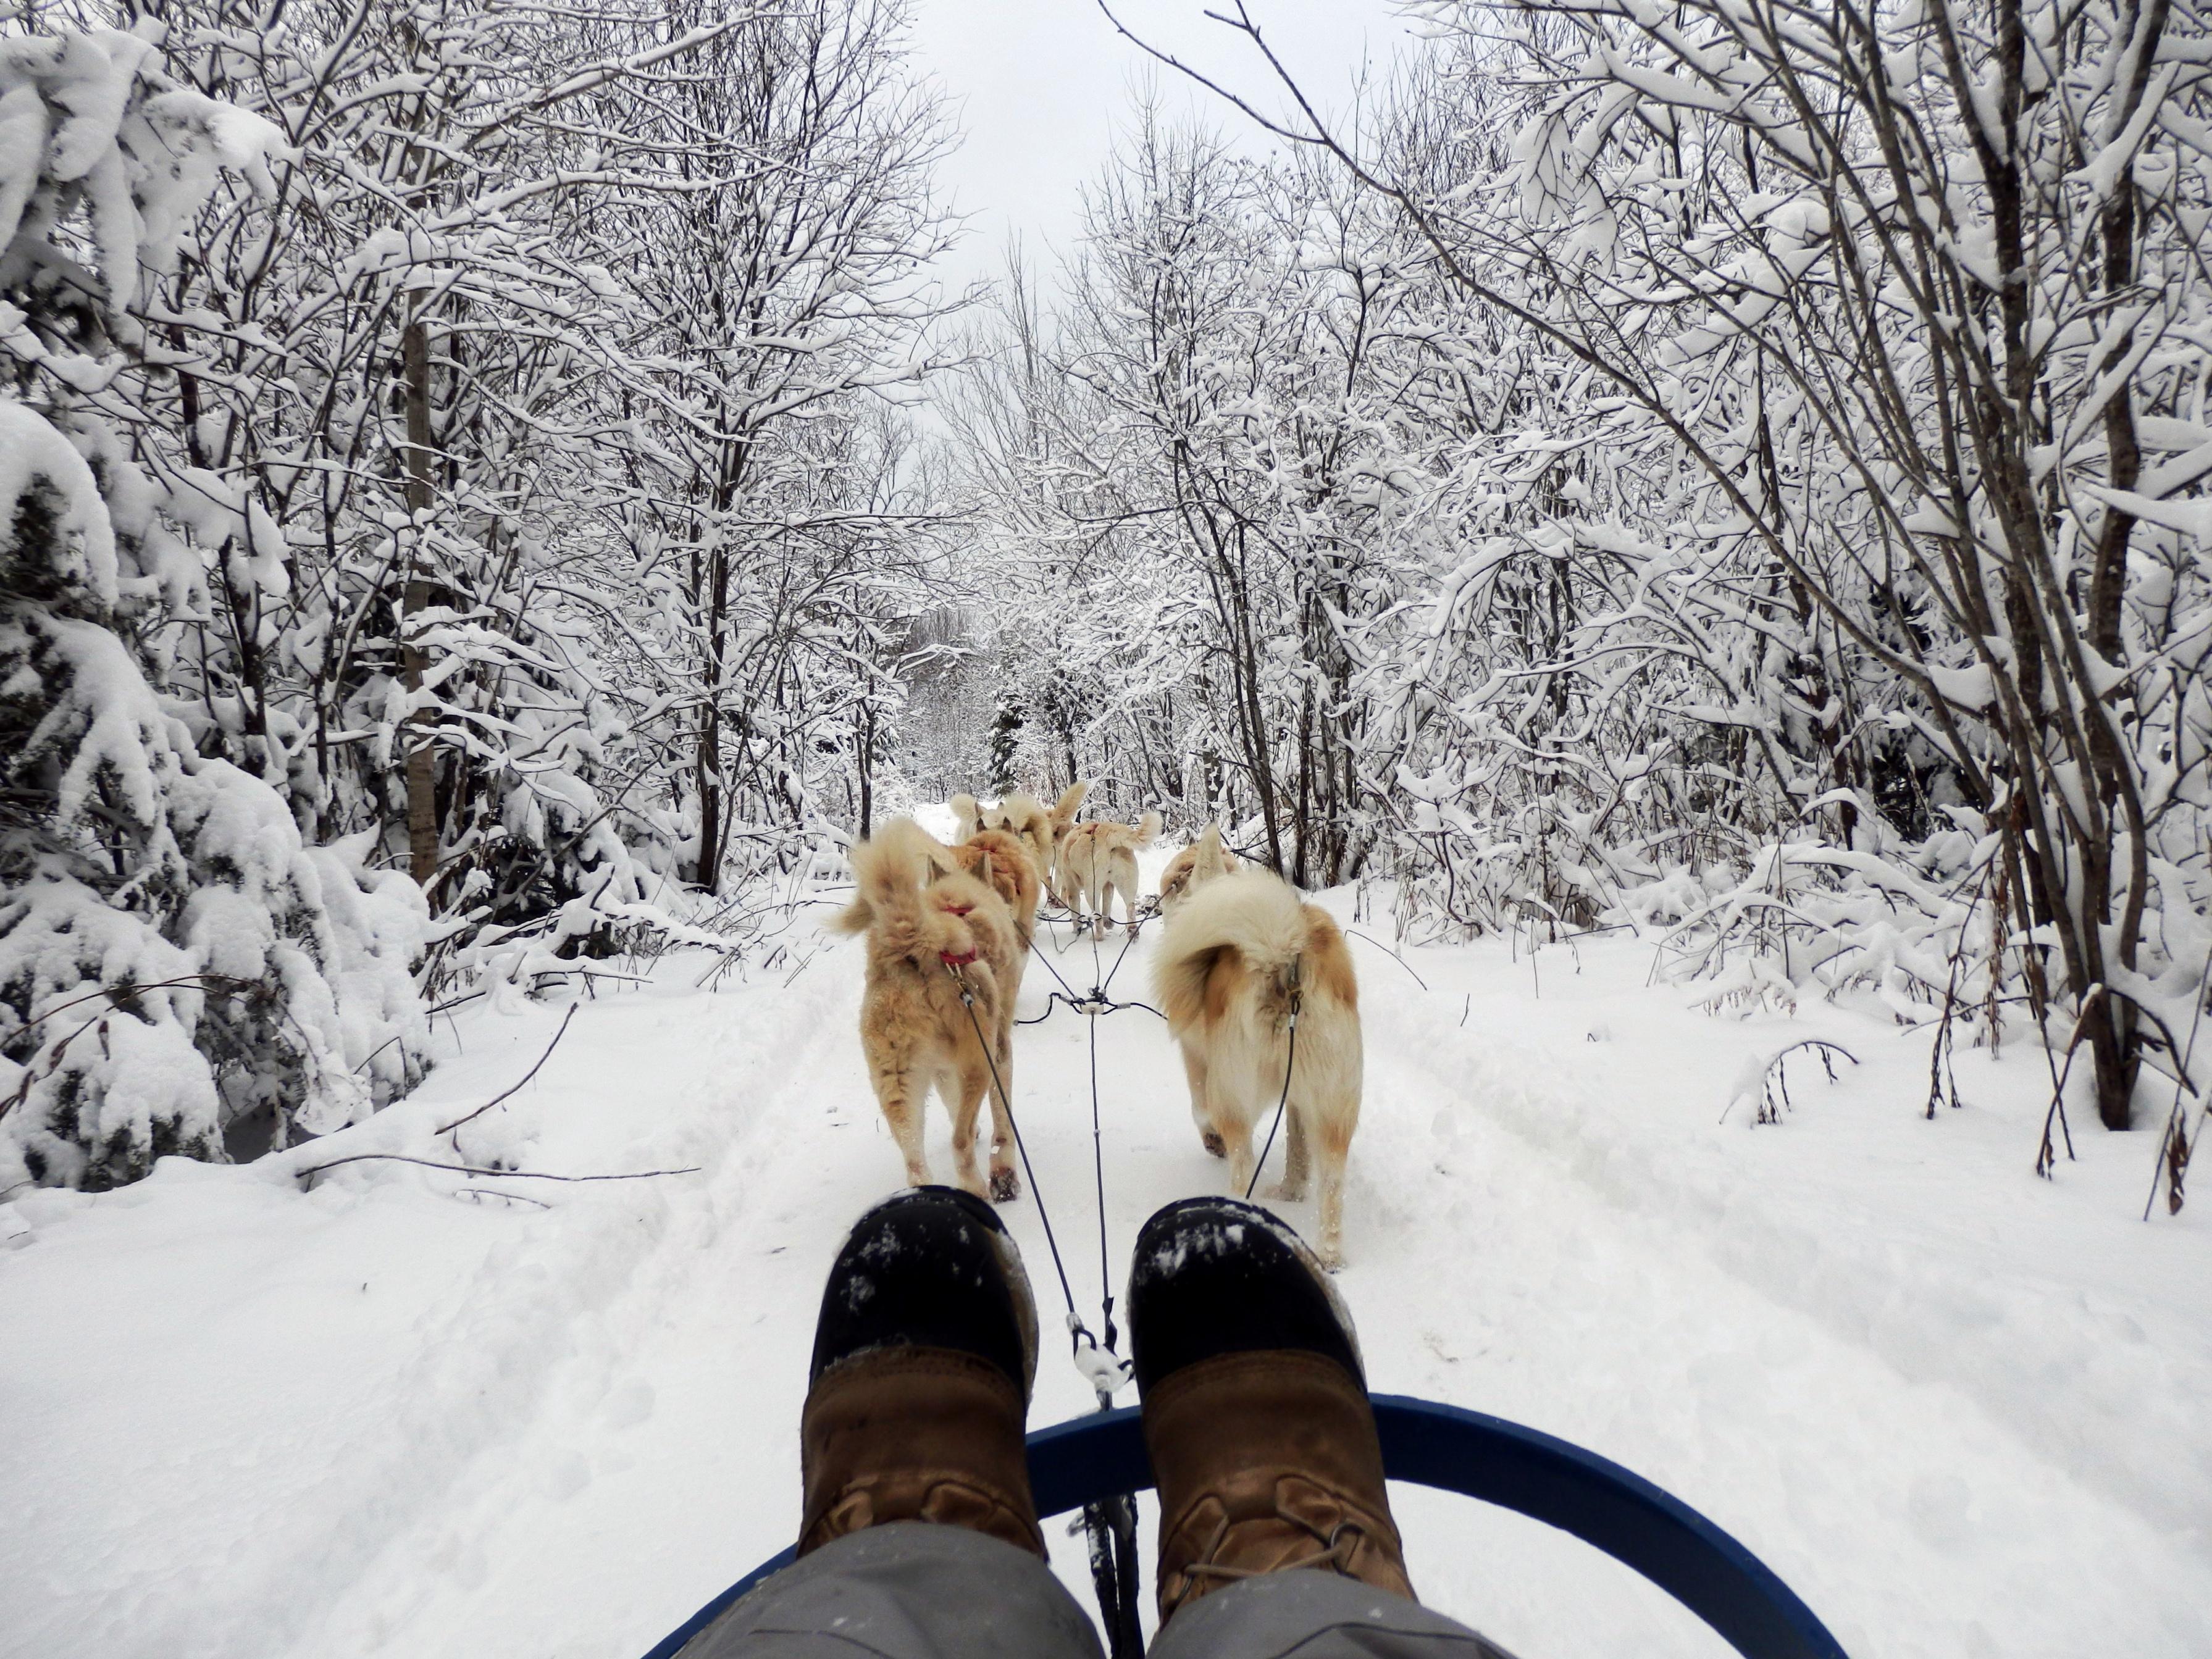 comment vivent les animaux en hiver